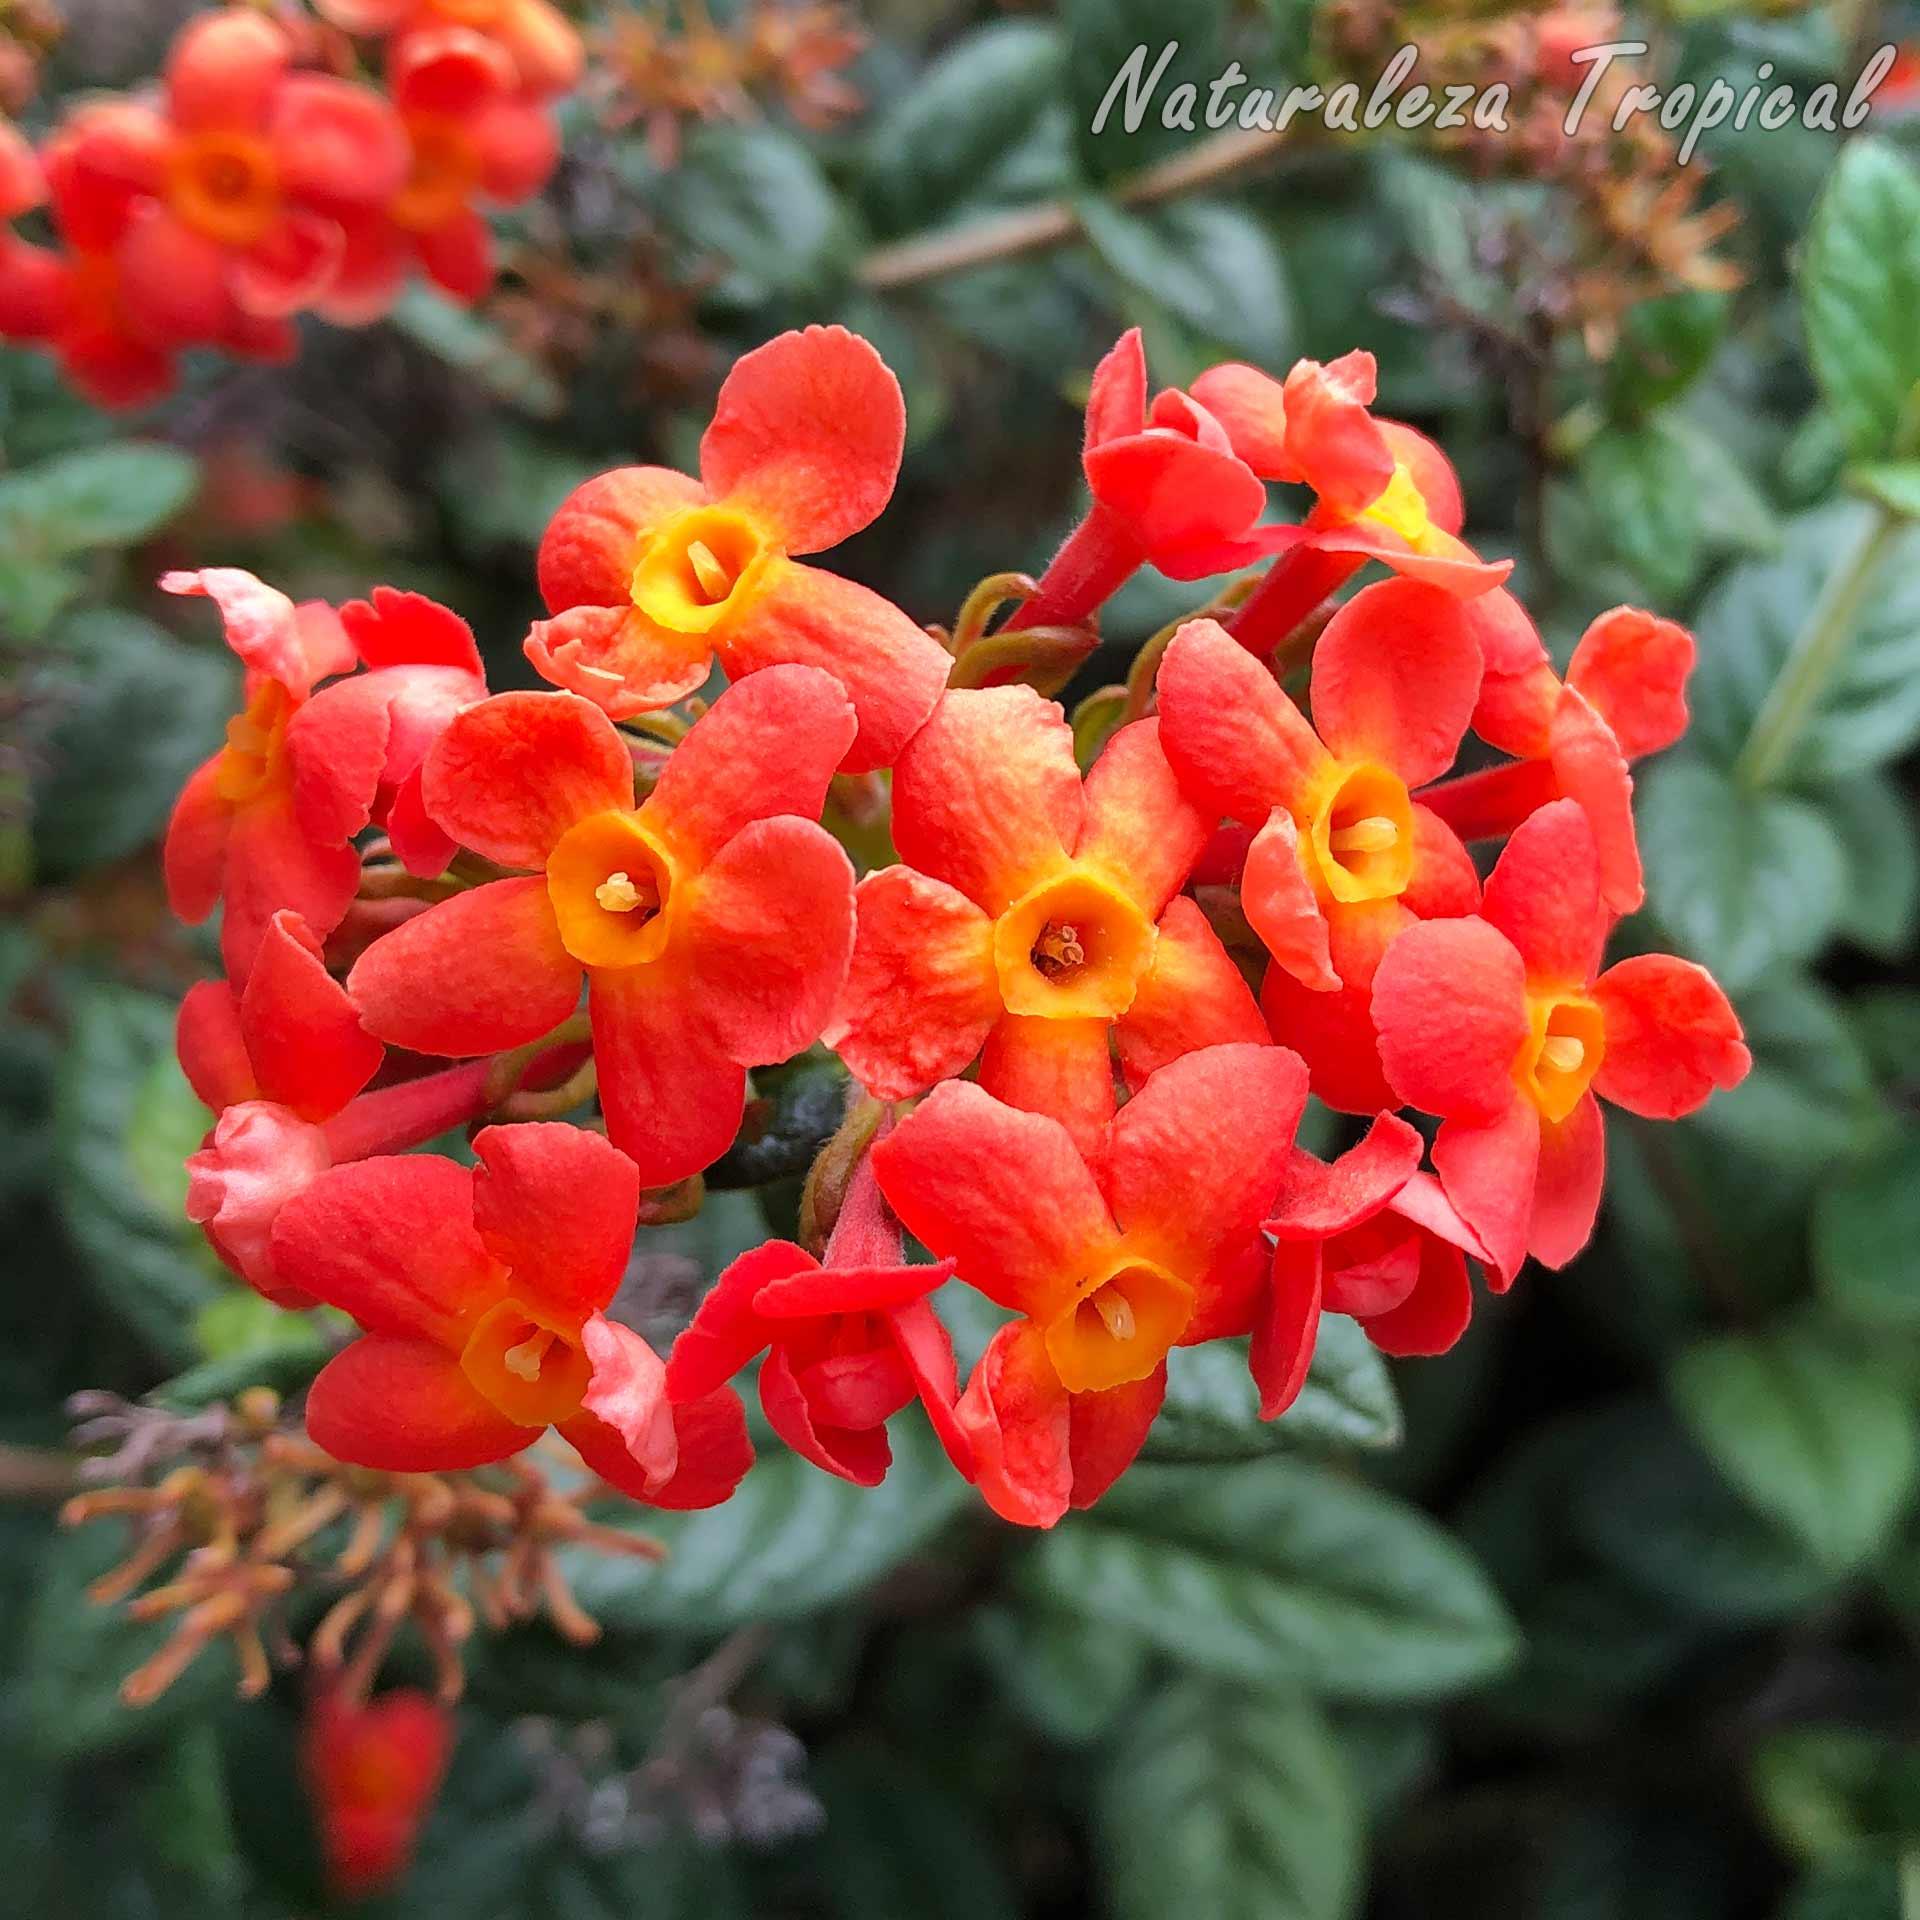 Flores características de la planta cubana conocida como Clavellina, Rondeletia odorata